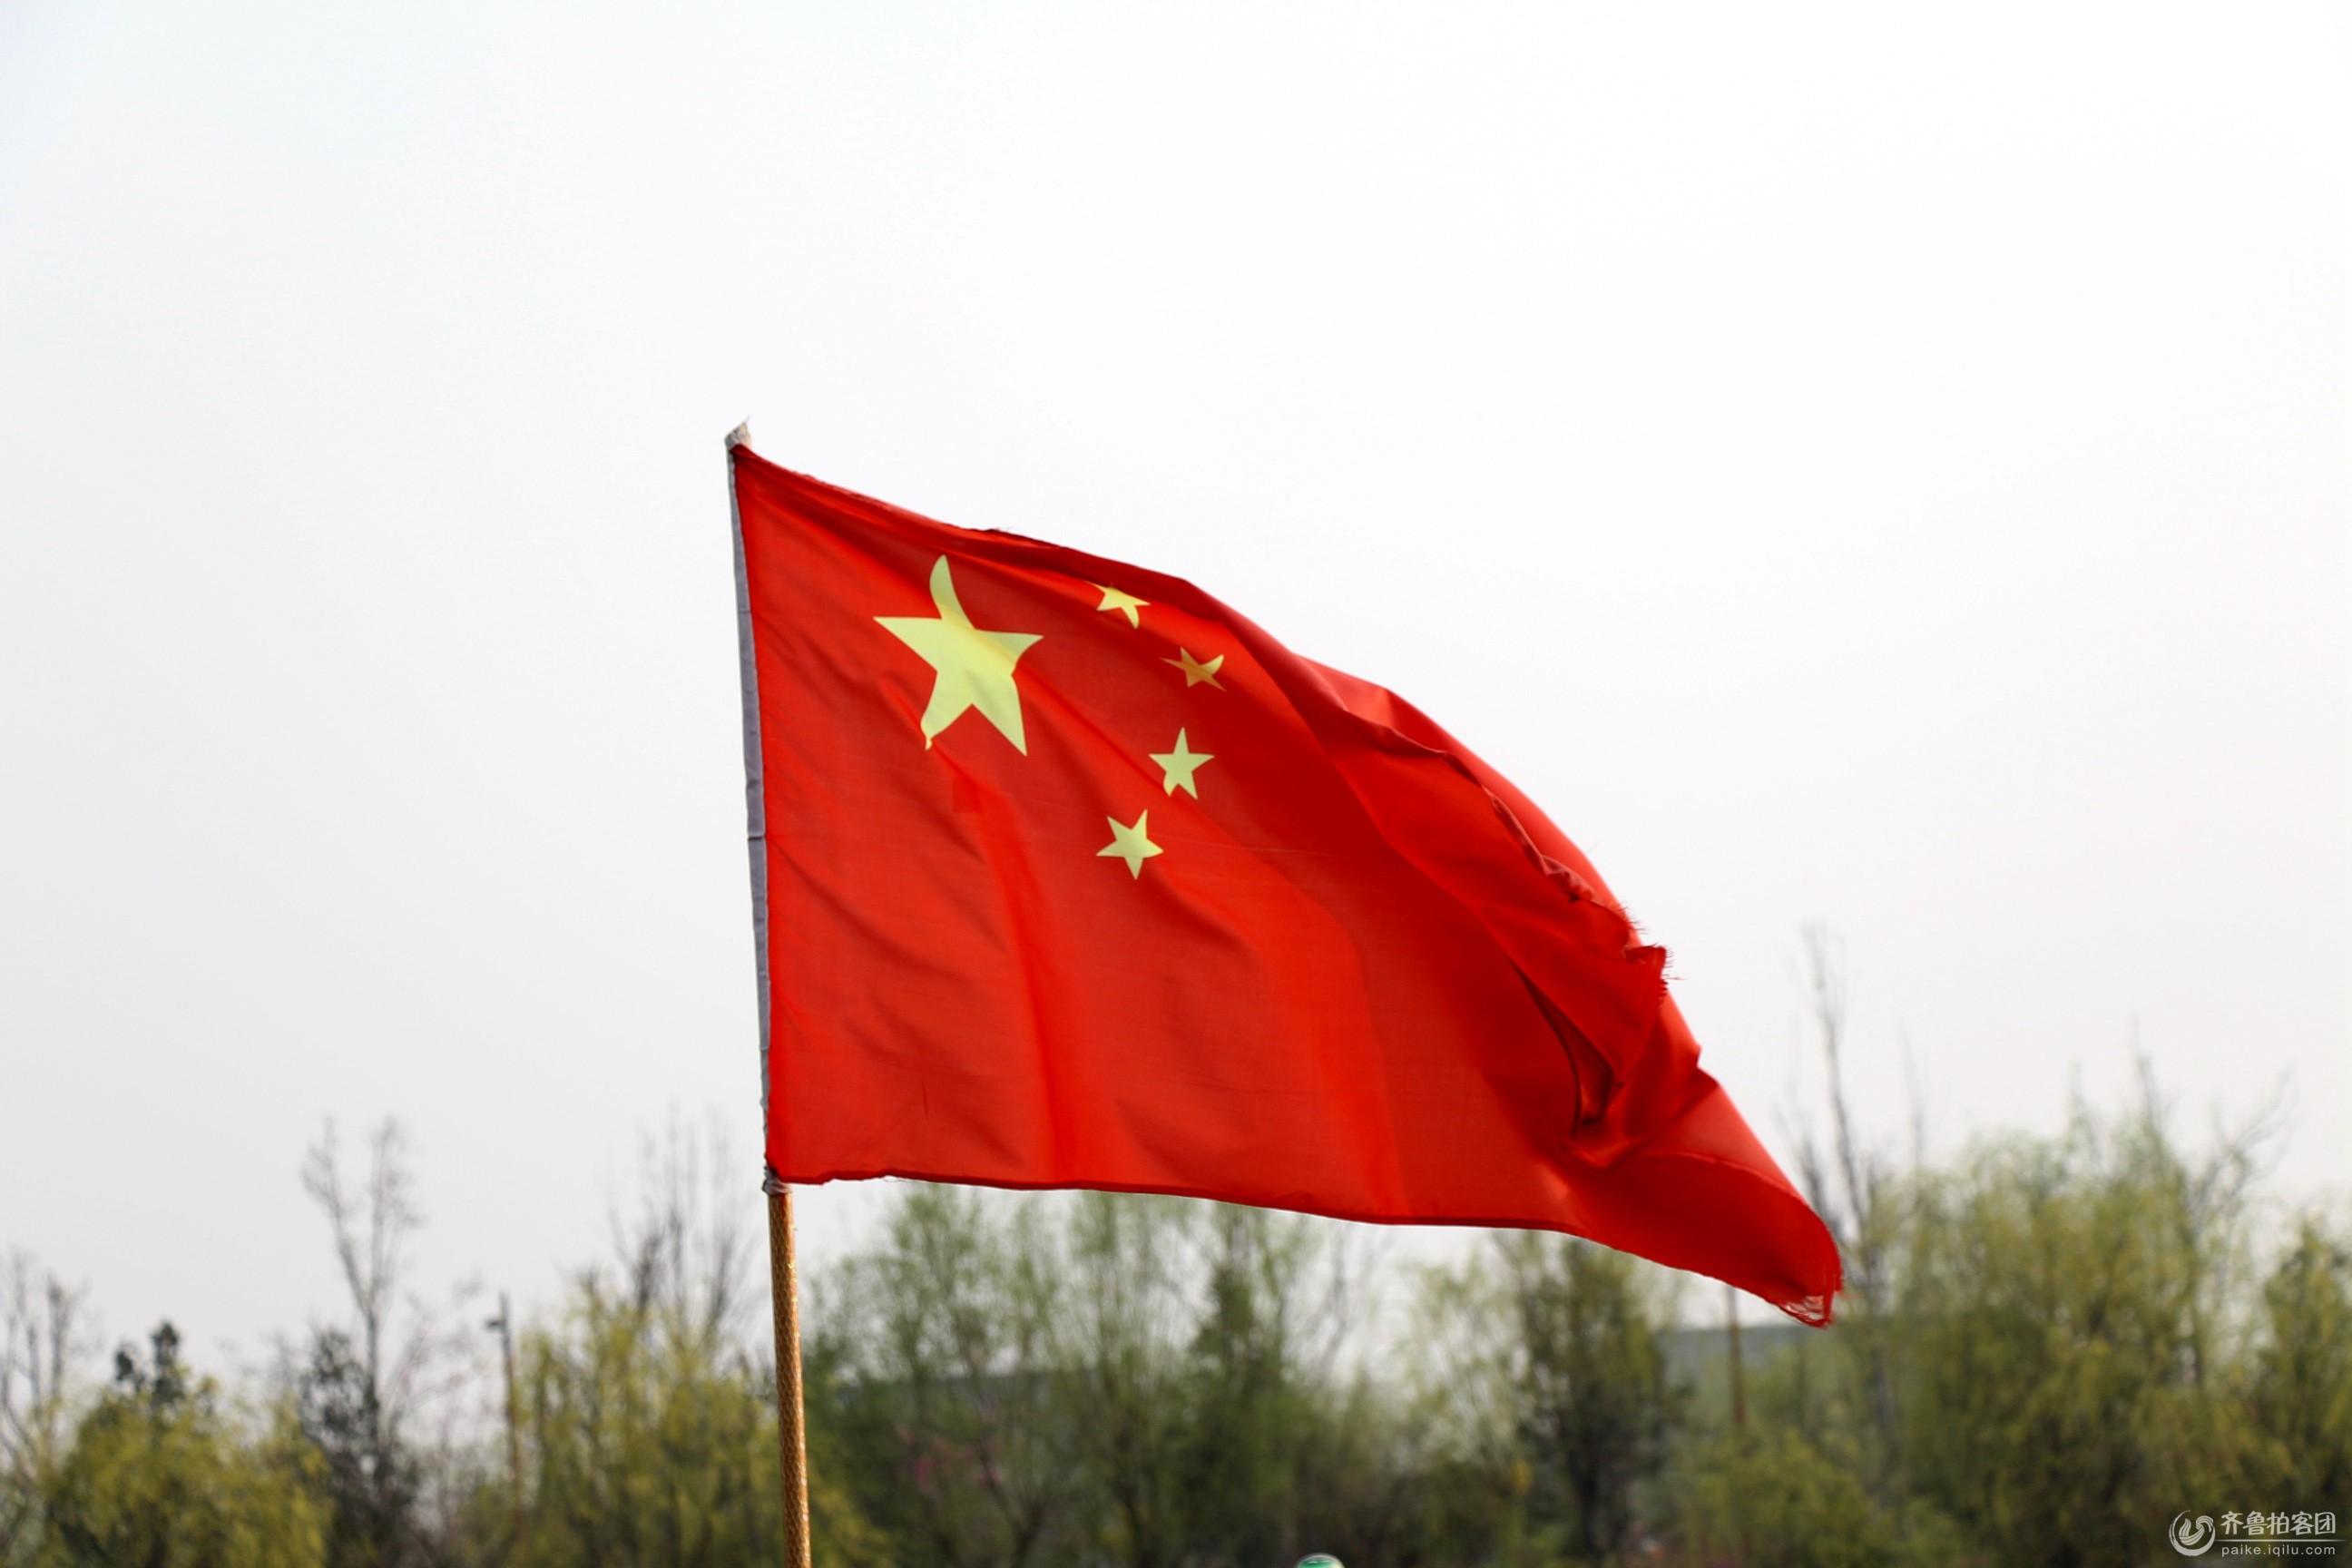 论坛 69 齐鲁拍客团 69 潍坊拍客 69 五星红旗